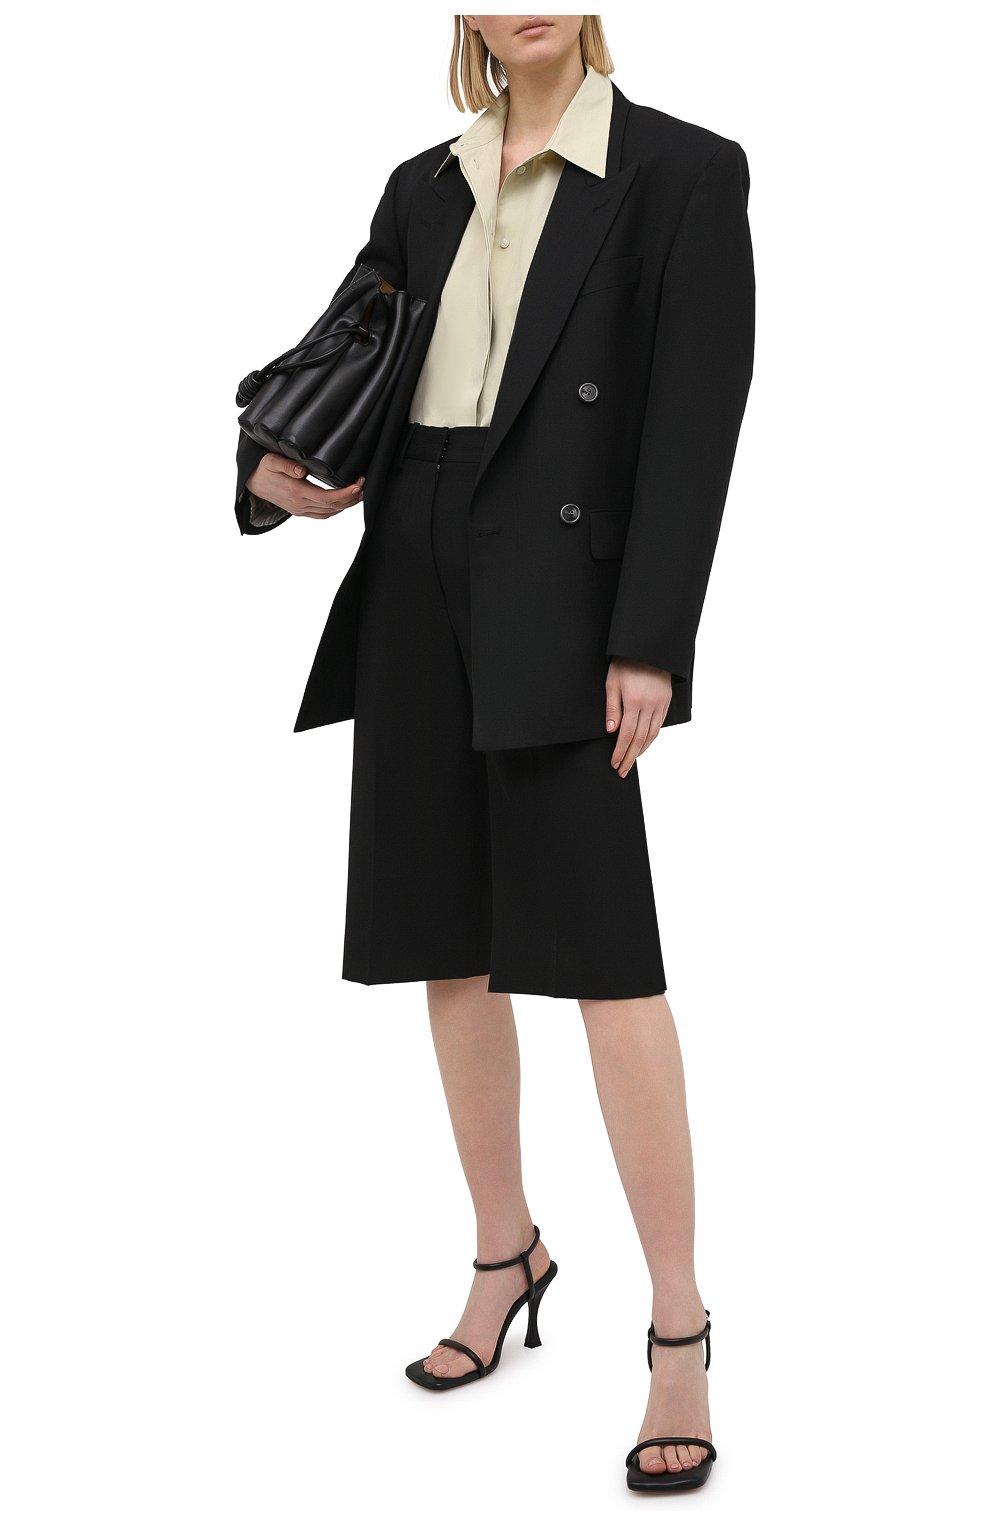 Женские кожаные босоножки PROENZA SCHOULER черного цвета, арт. PS36021A/13001 | Фото 2 (Подошва: Платформа; Каблук высота: Высокий; Материал внутренний: Натуральная кожа; Каблук тип: Шпилька)